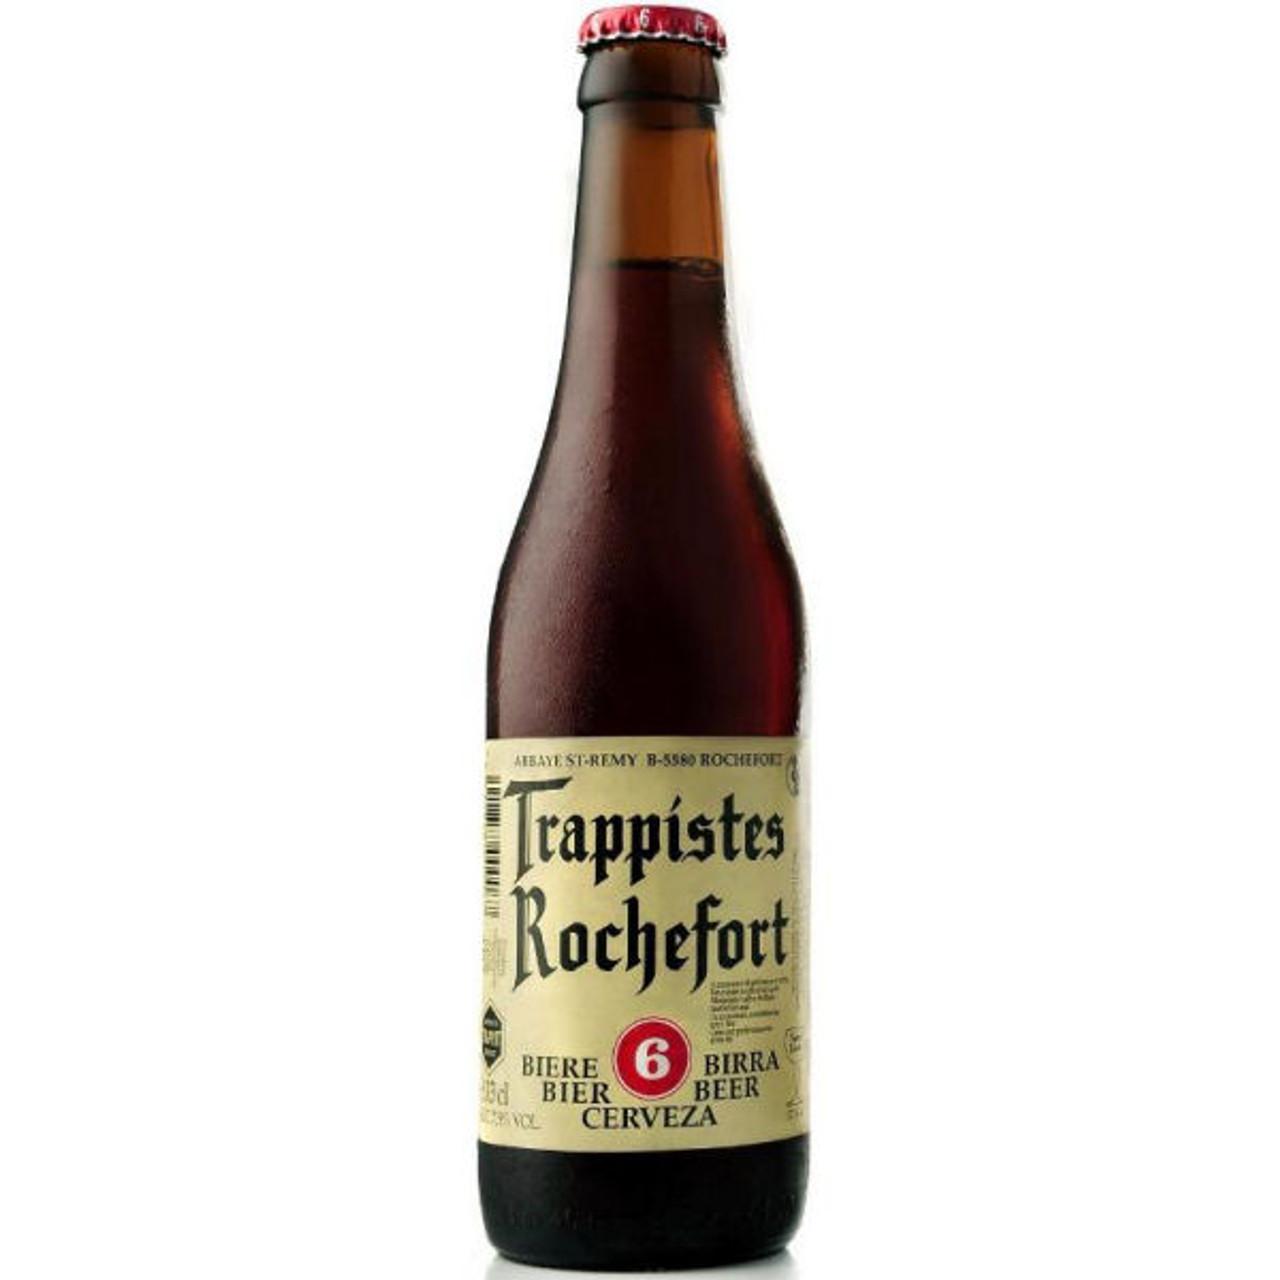 Trappistes Rochefort 6 Beer (Belgium) 11.2oz